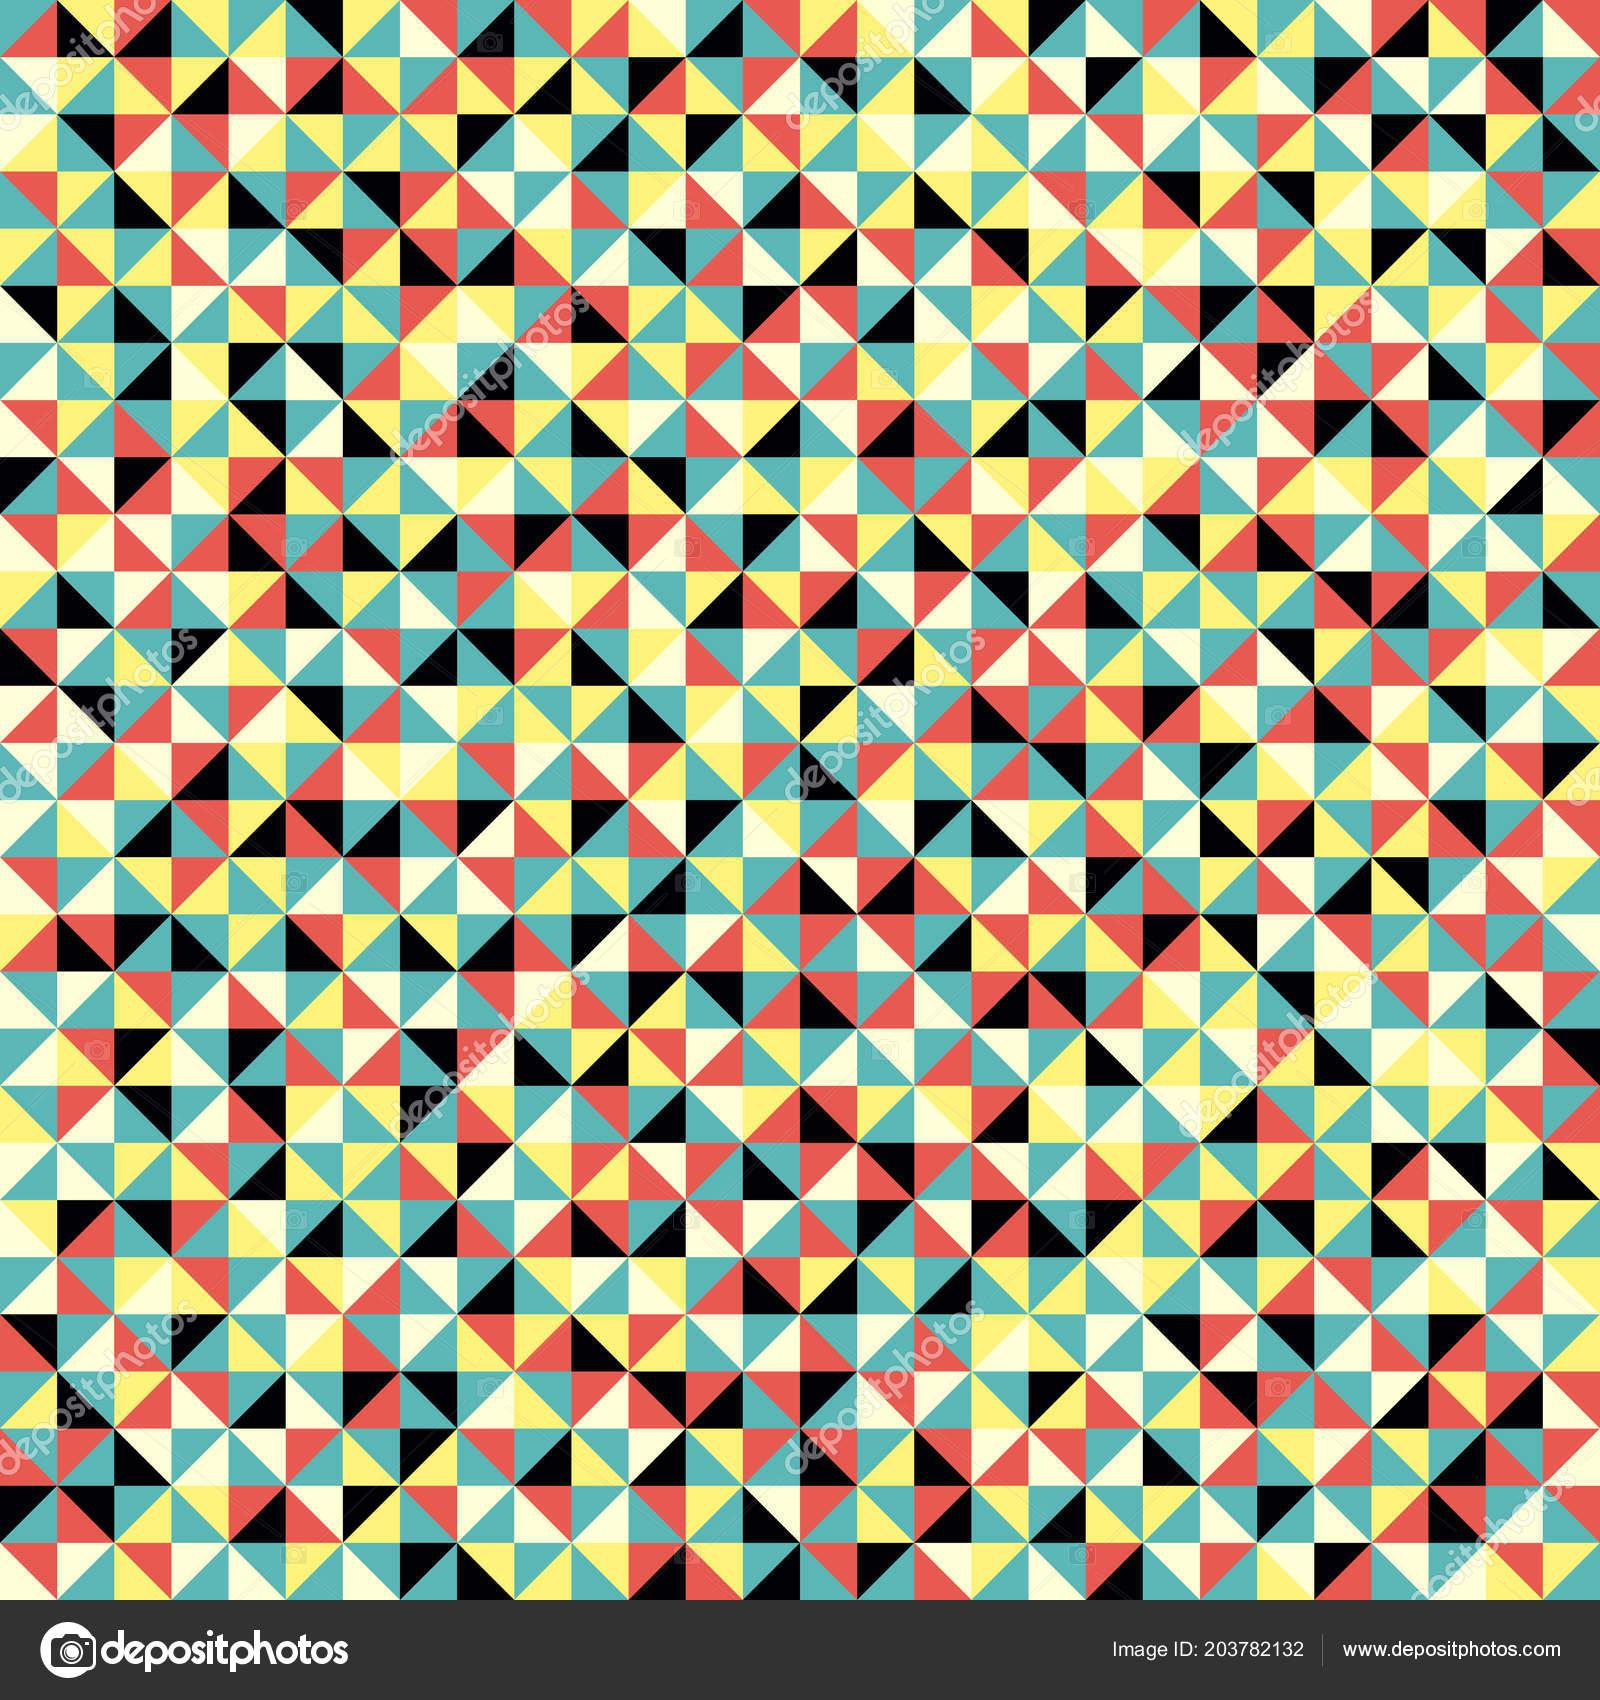 Modele Sans Couture Formes Geometriques Decor Mosaique Coloree Fond